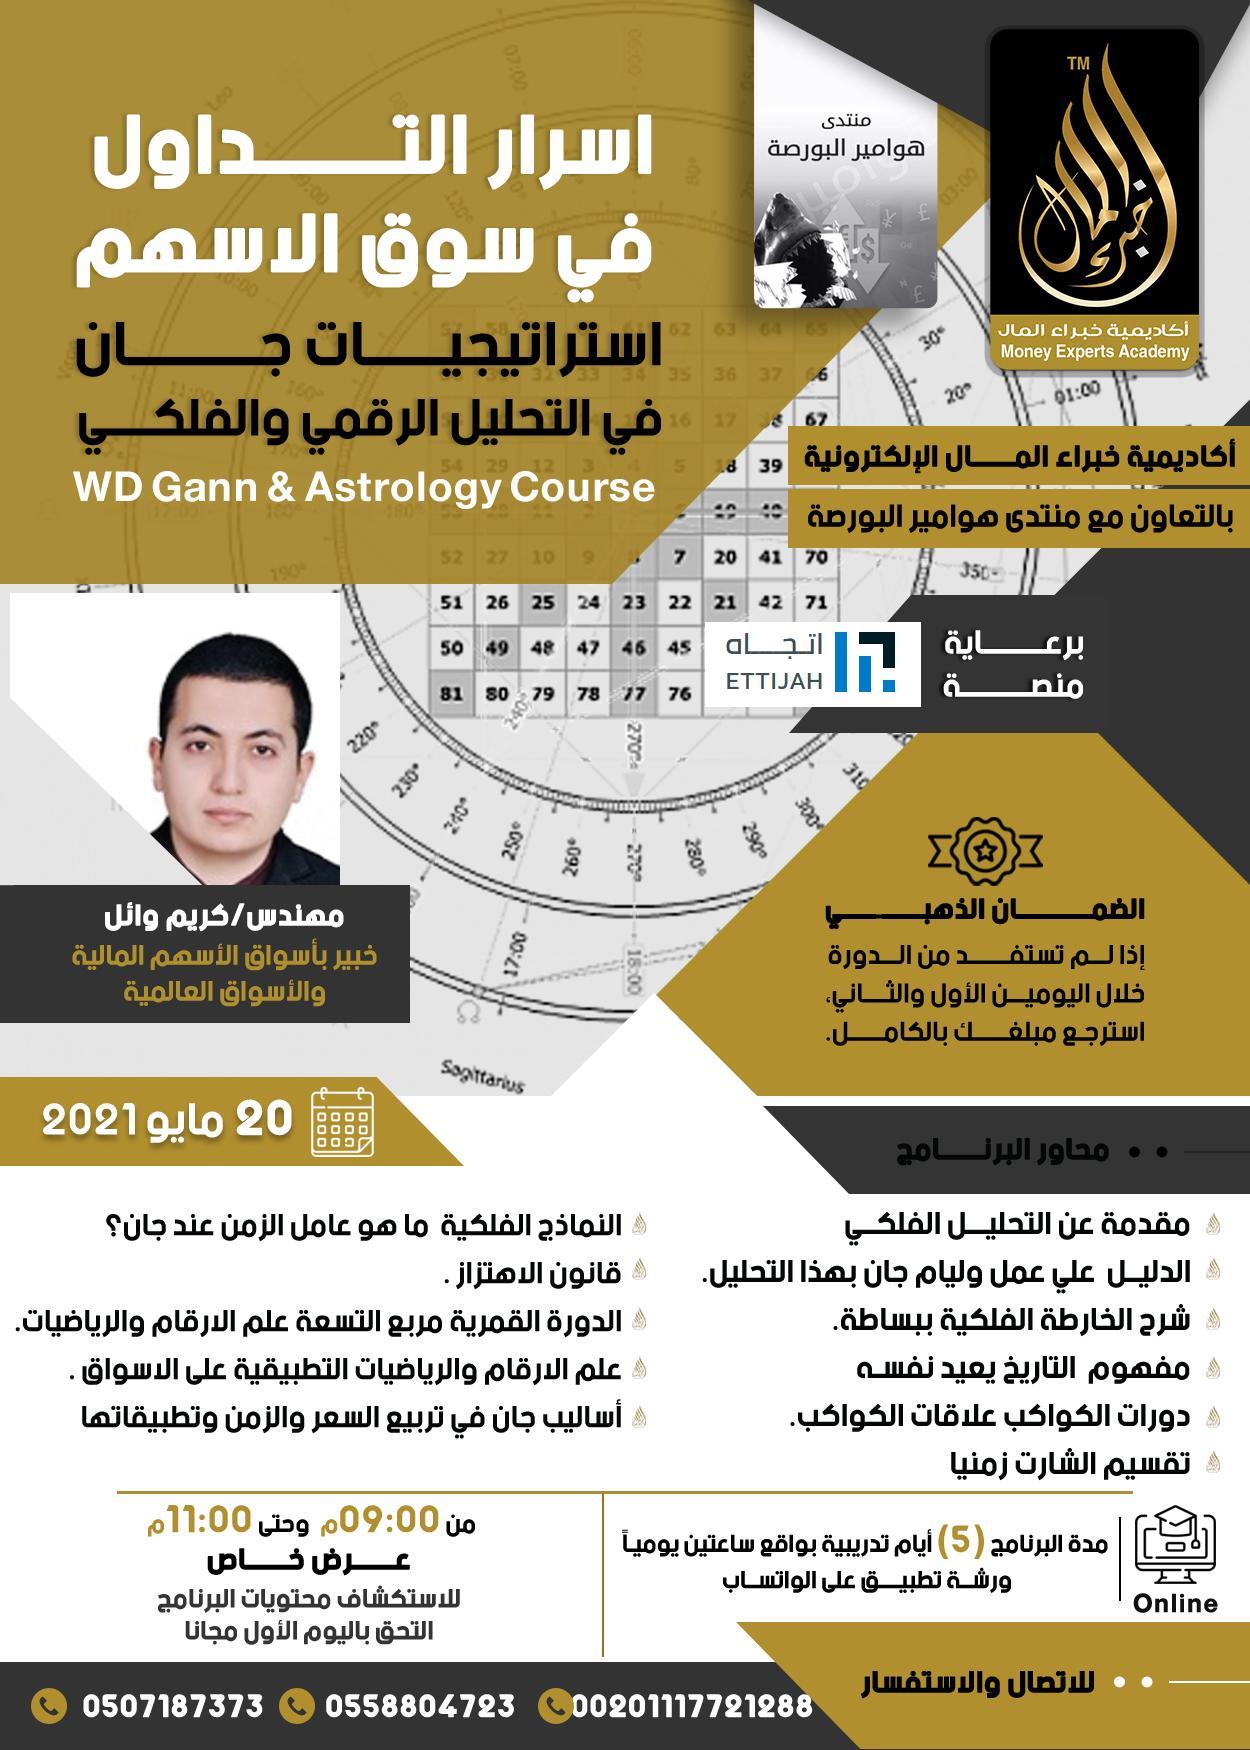 دورة استراتيجية جان في التحليل الرقمي و الفلكي يقدمها م.كريم وائل  20 مايو